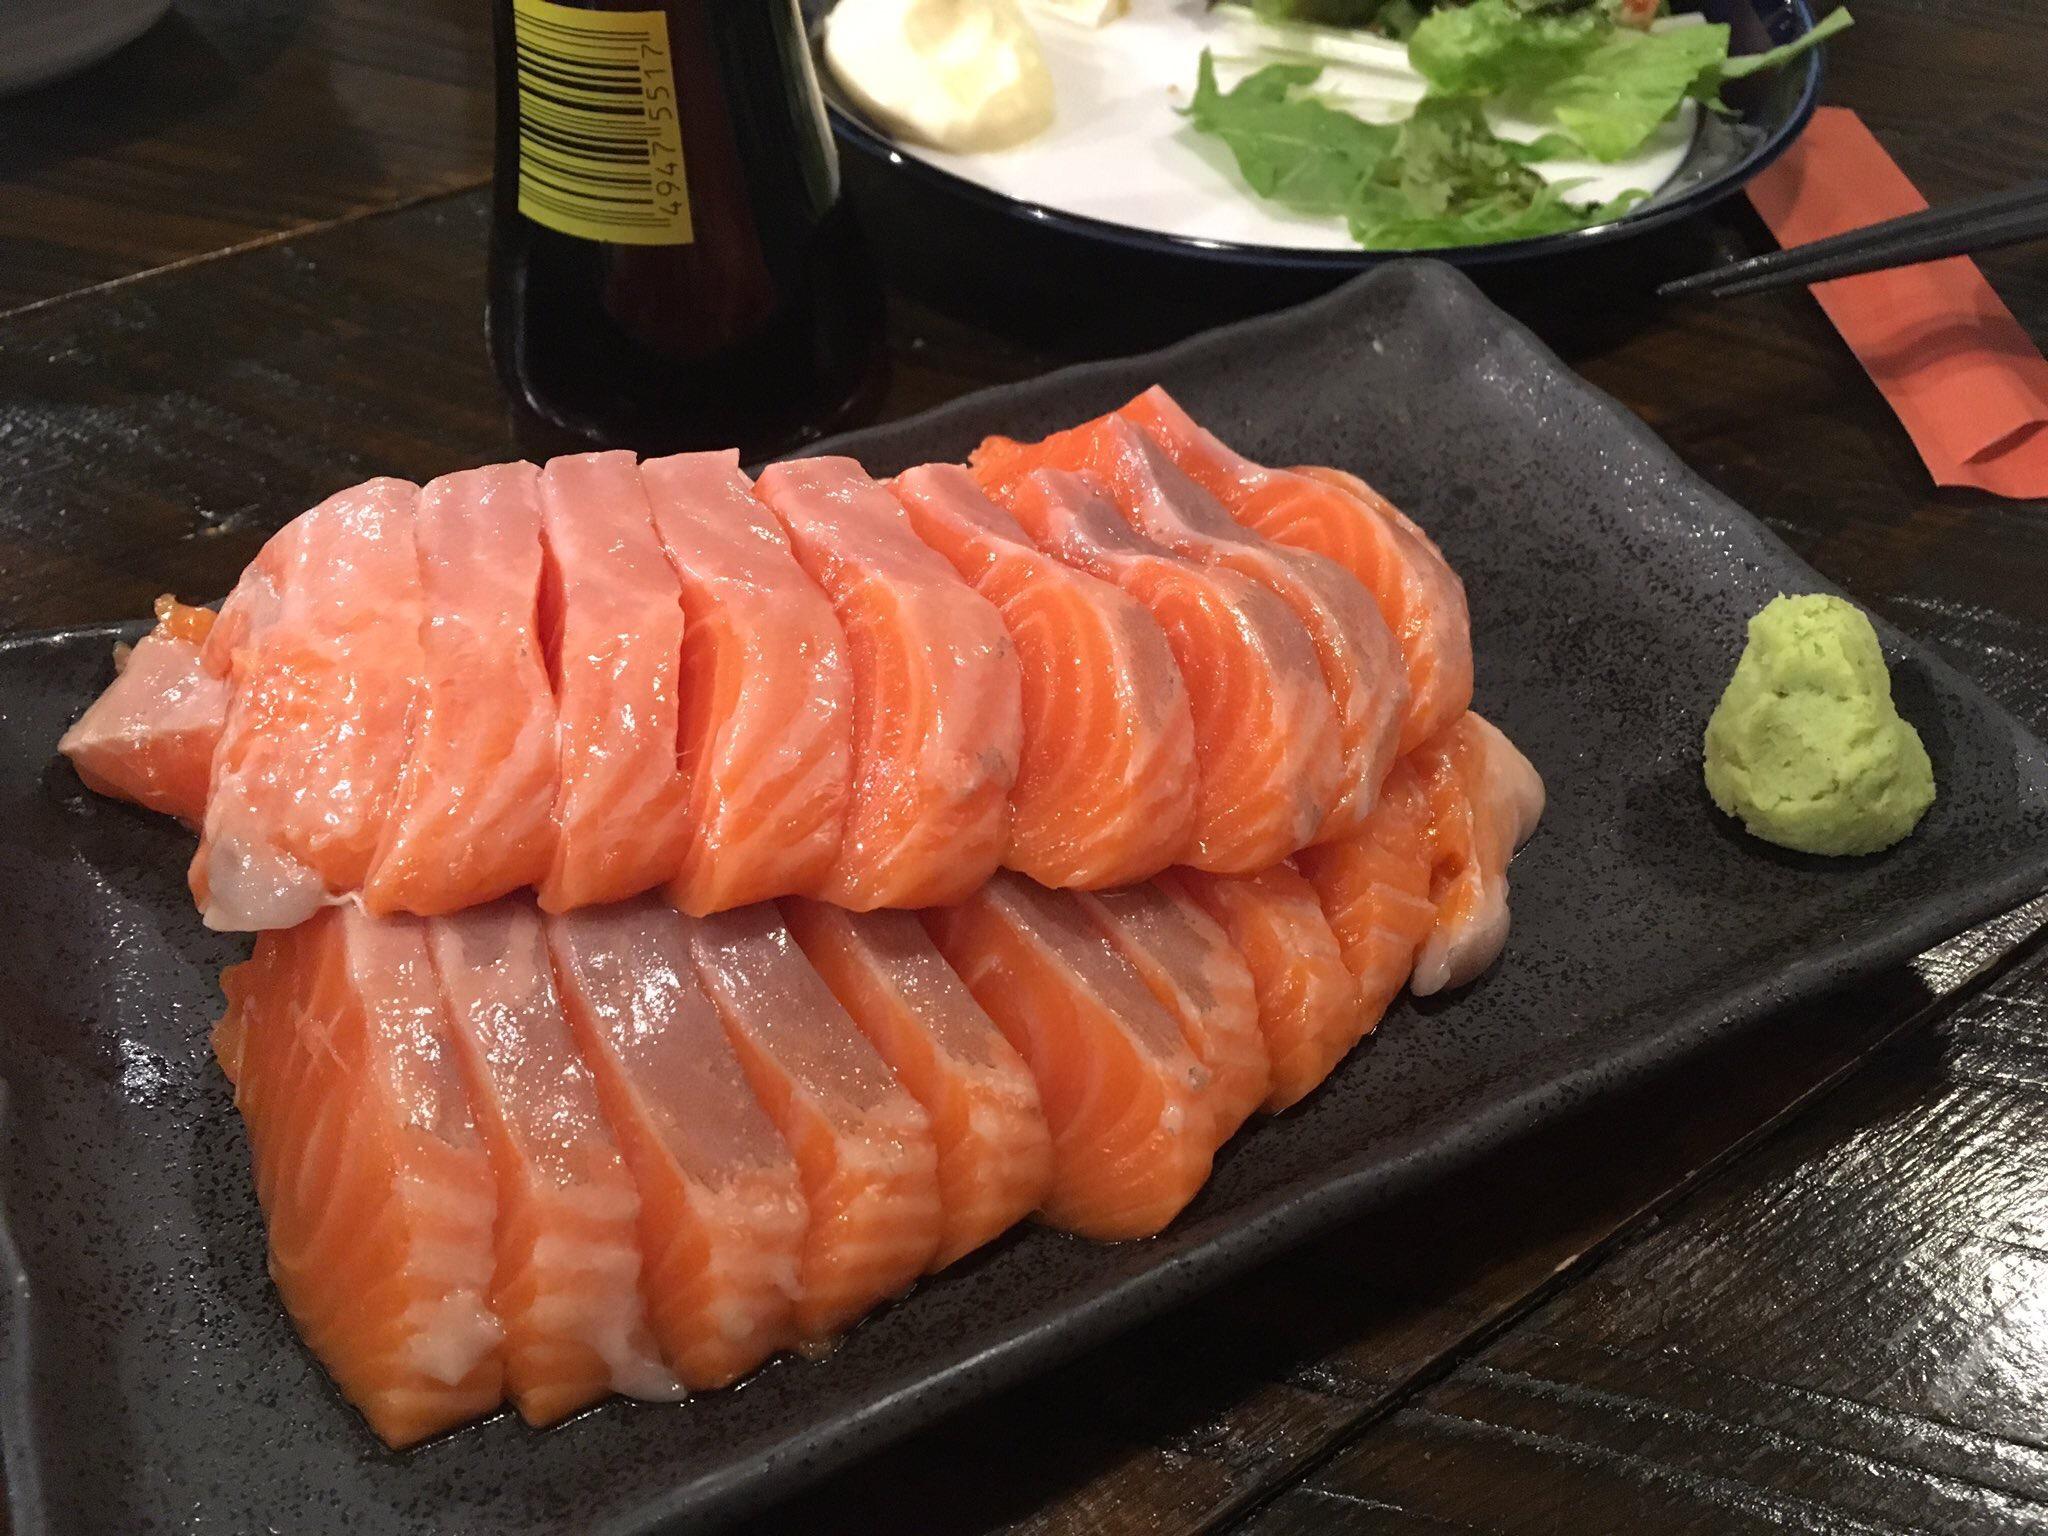 【画像】サーモン食べ放題(777円)←これのコスパwwww